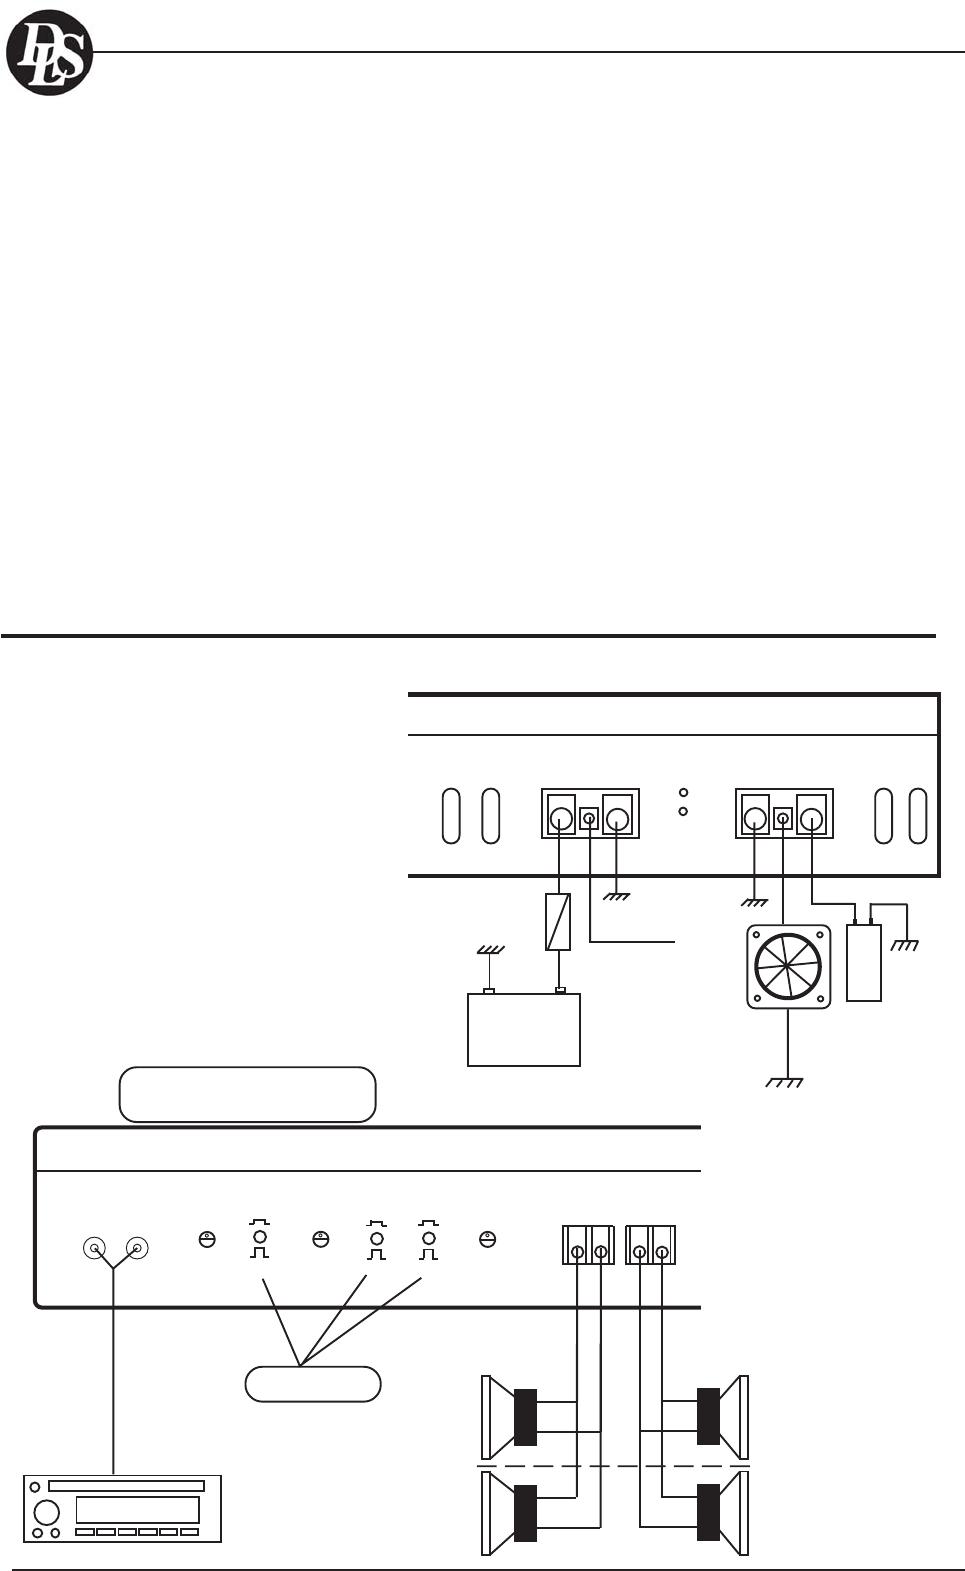 Dls Svenska Ab A1 A2 A3 A4 A5 A6 A7 A8 Series Wiring Examples Parallel Vs